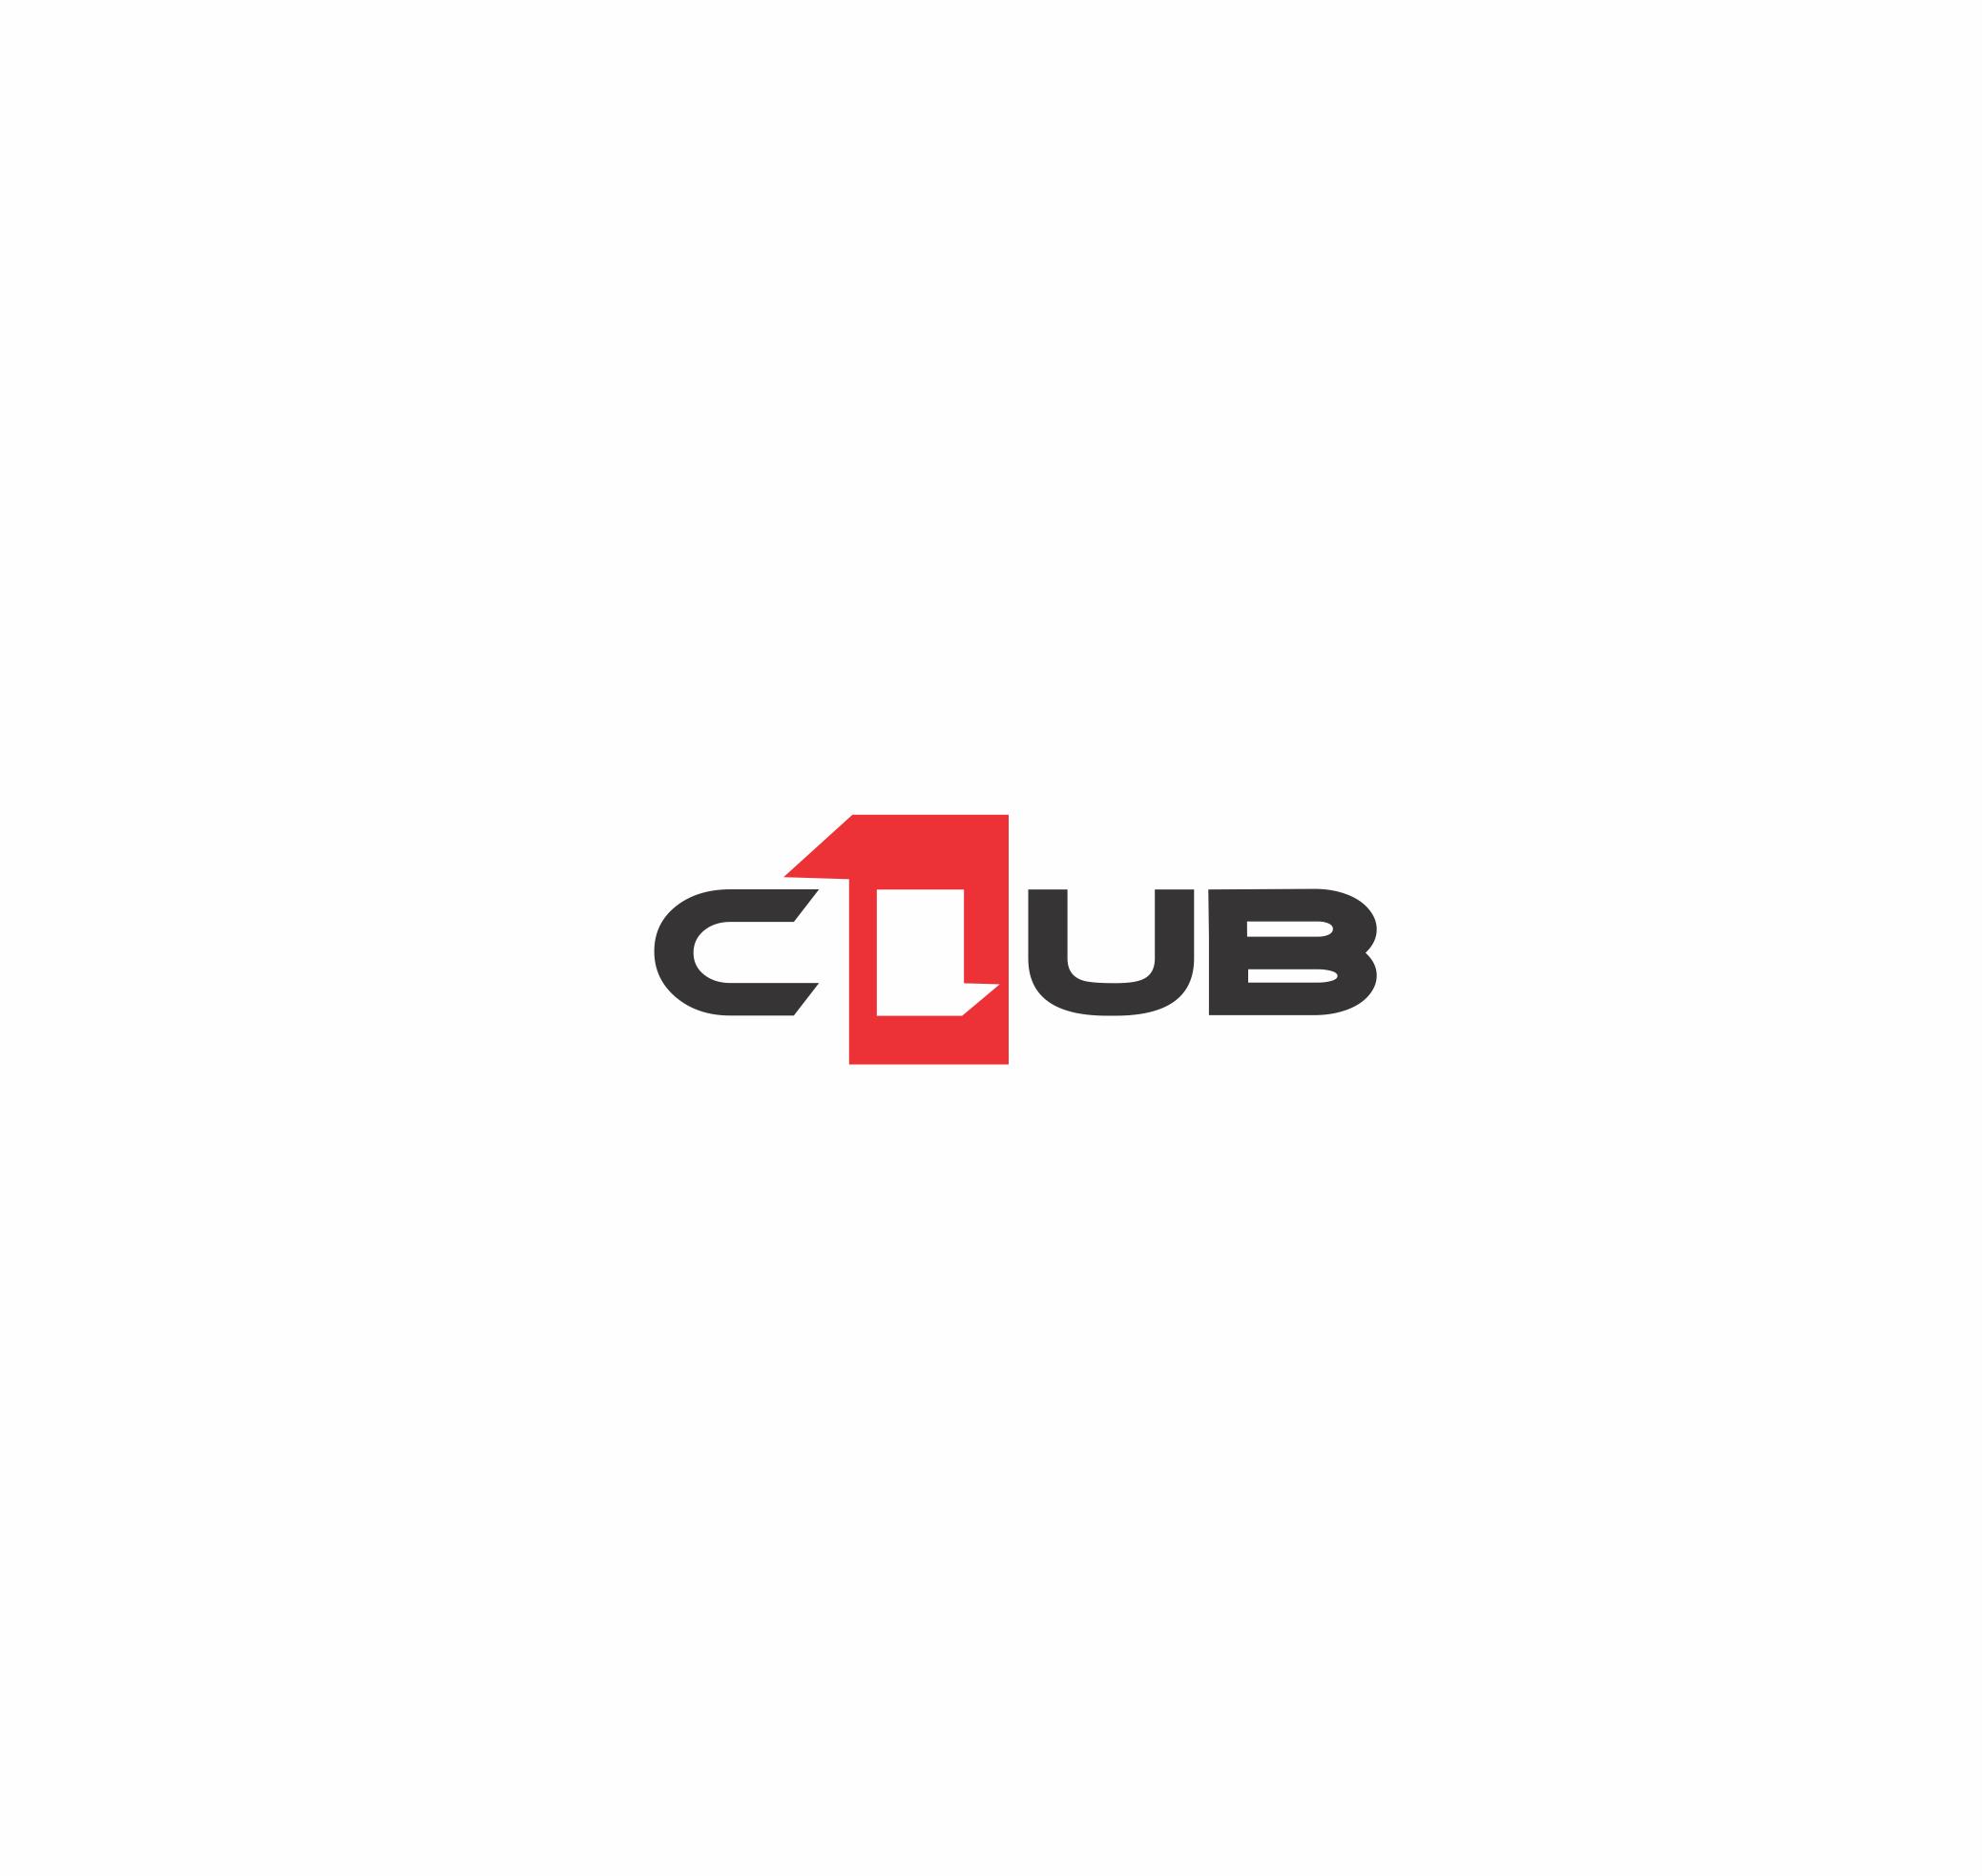 Логотип делового клуба фото f_6175f8435192fc10.png